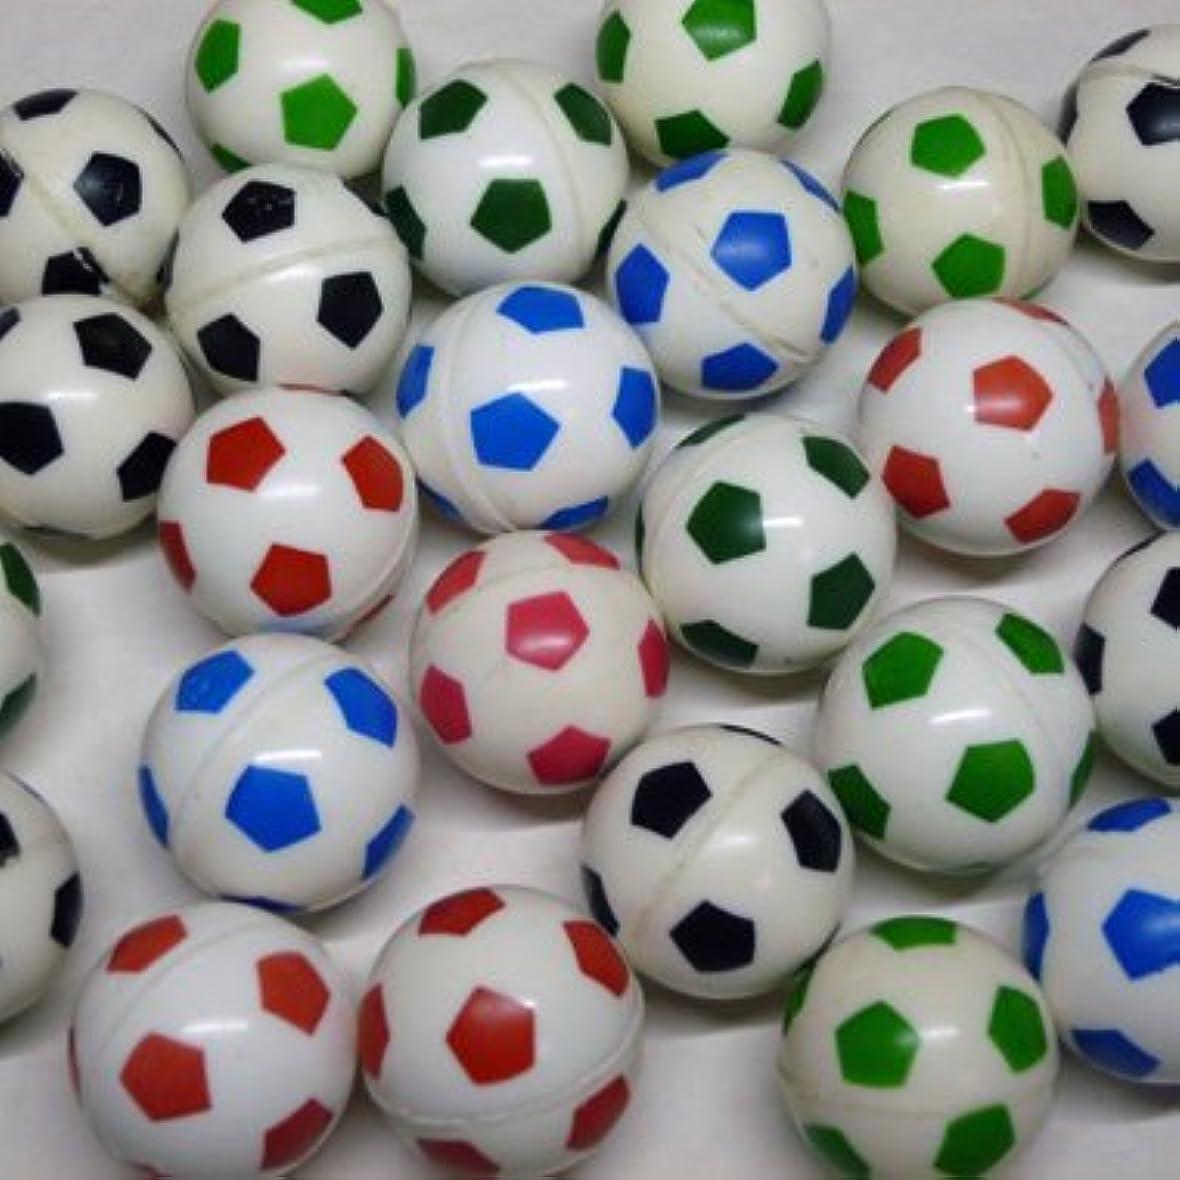 メロンサンダース海峡サッカー グラシアス サッカーボール型 カラフルスーパーボール 4個セット